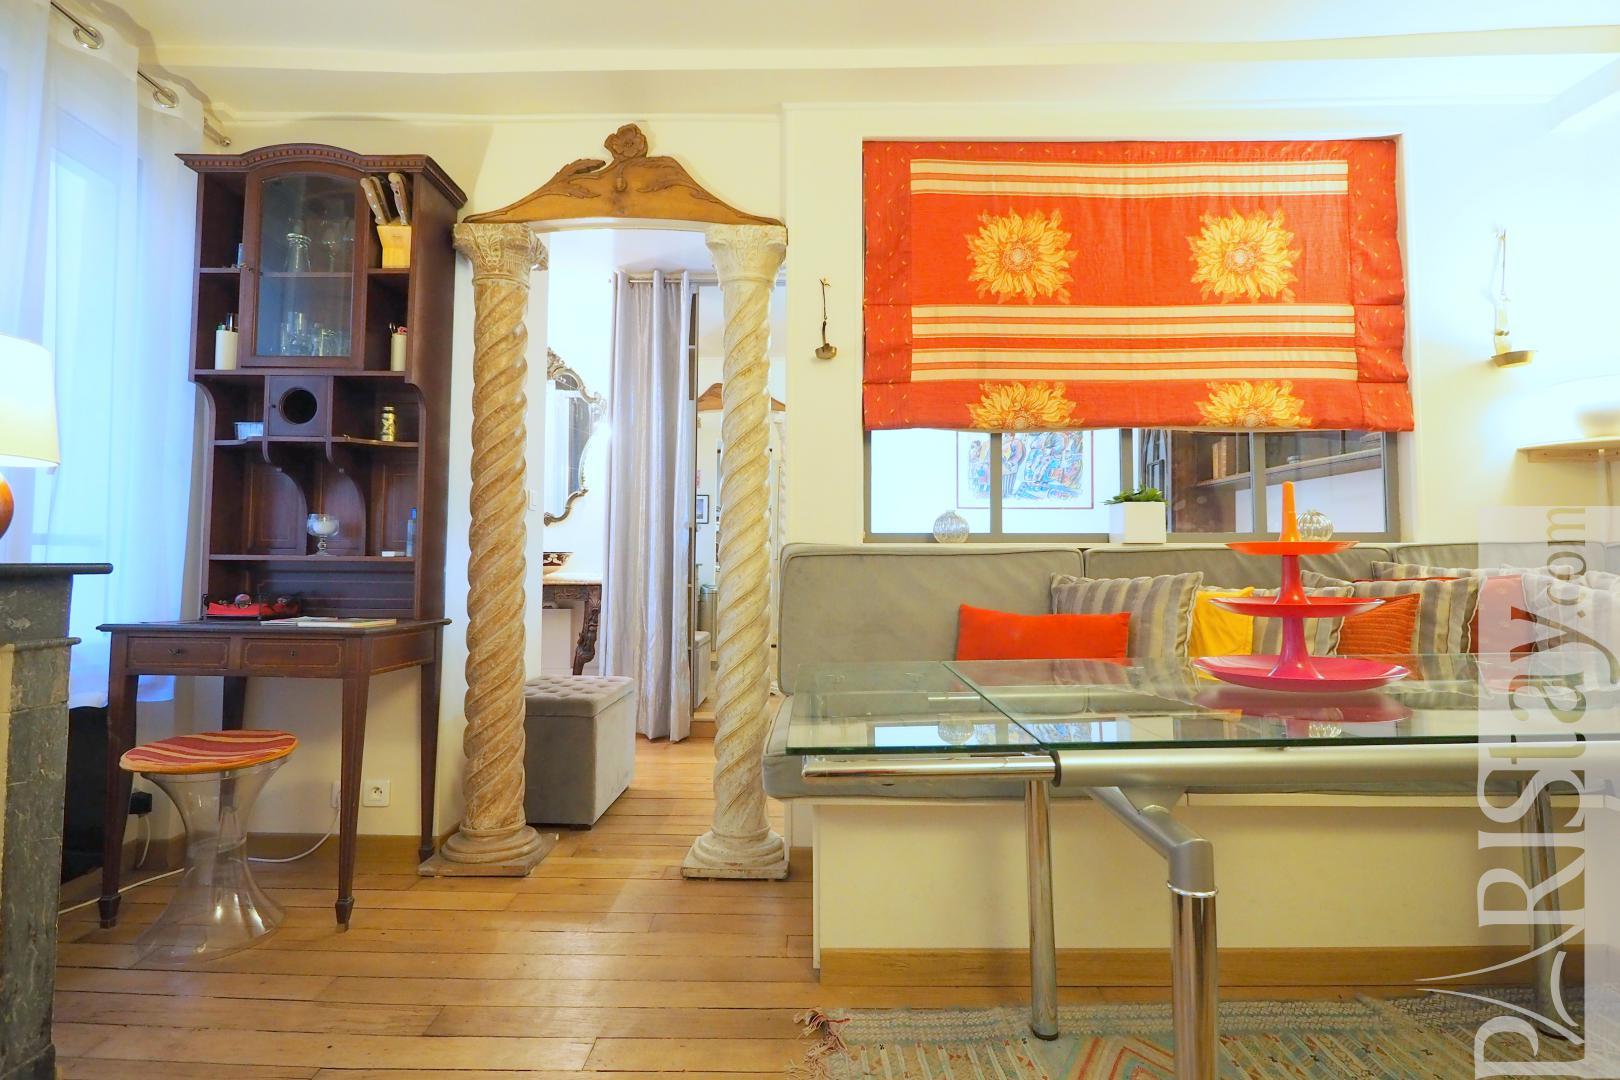 Location appartement meubl paris t2 batignolles une chambre for Appartement meuble a paris